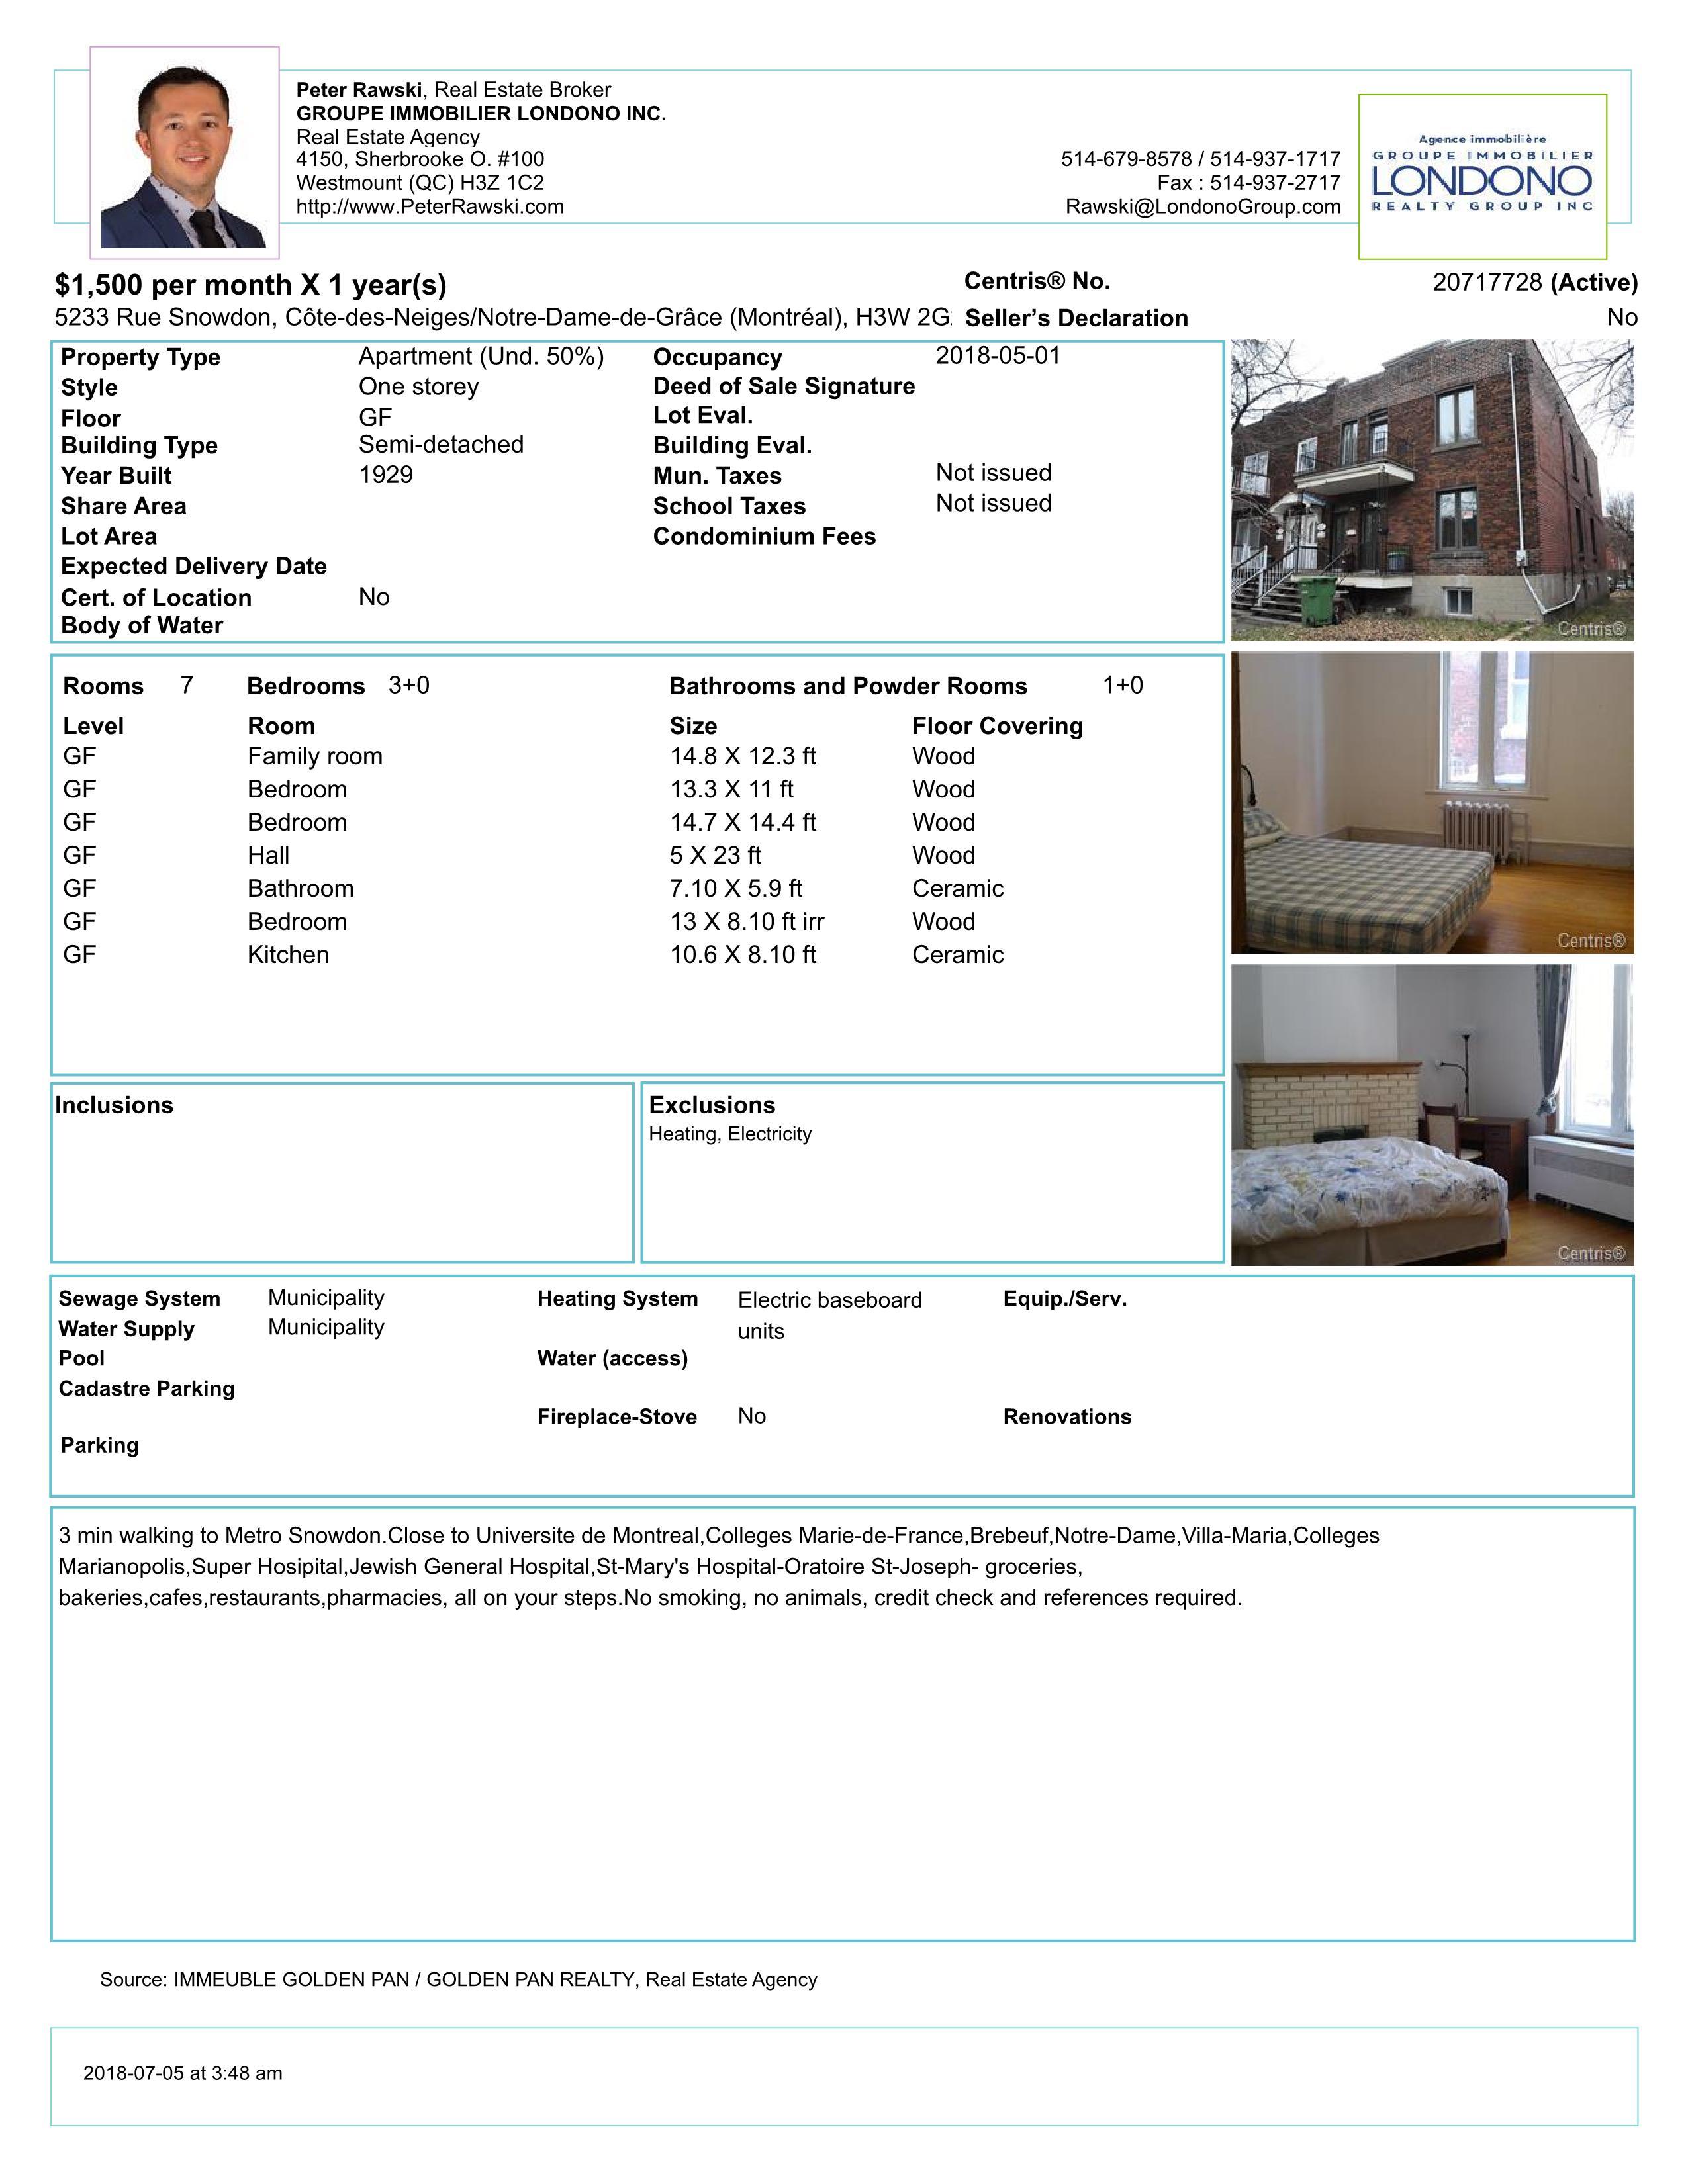 3br_apt_DT_mtl_1k-2k_page_16